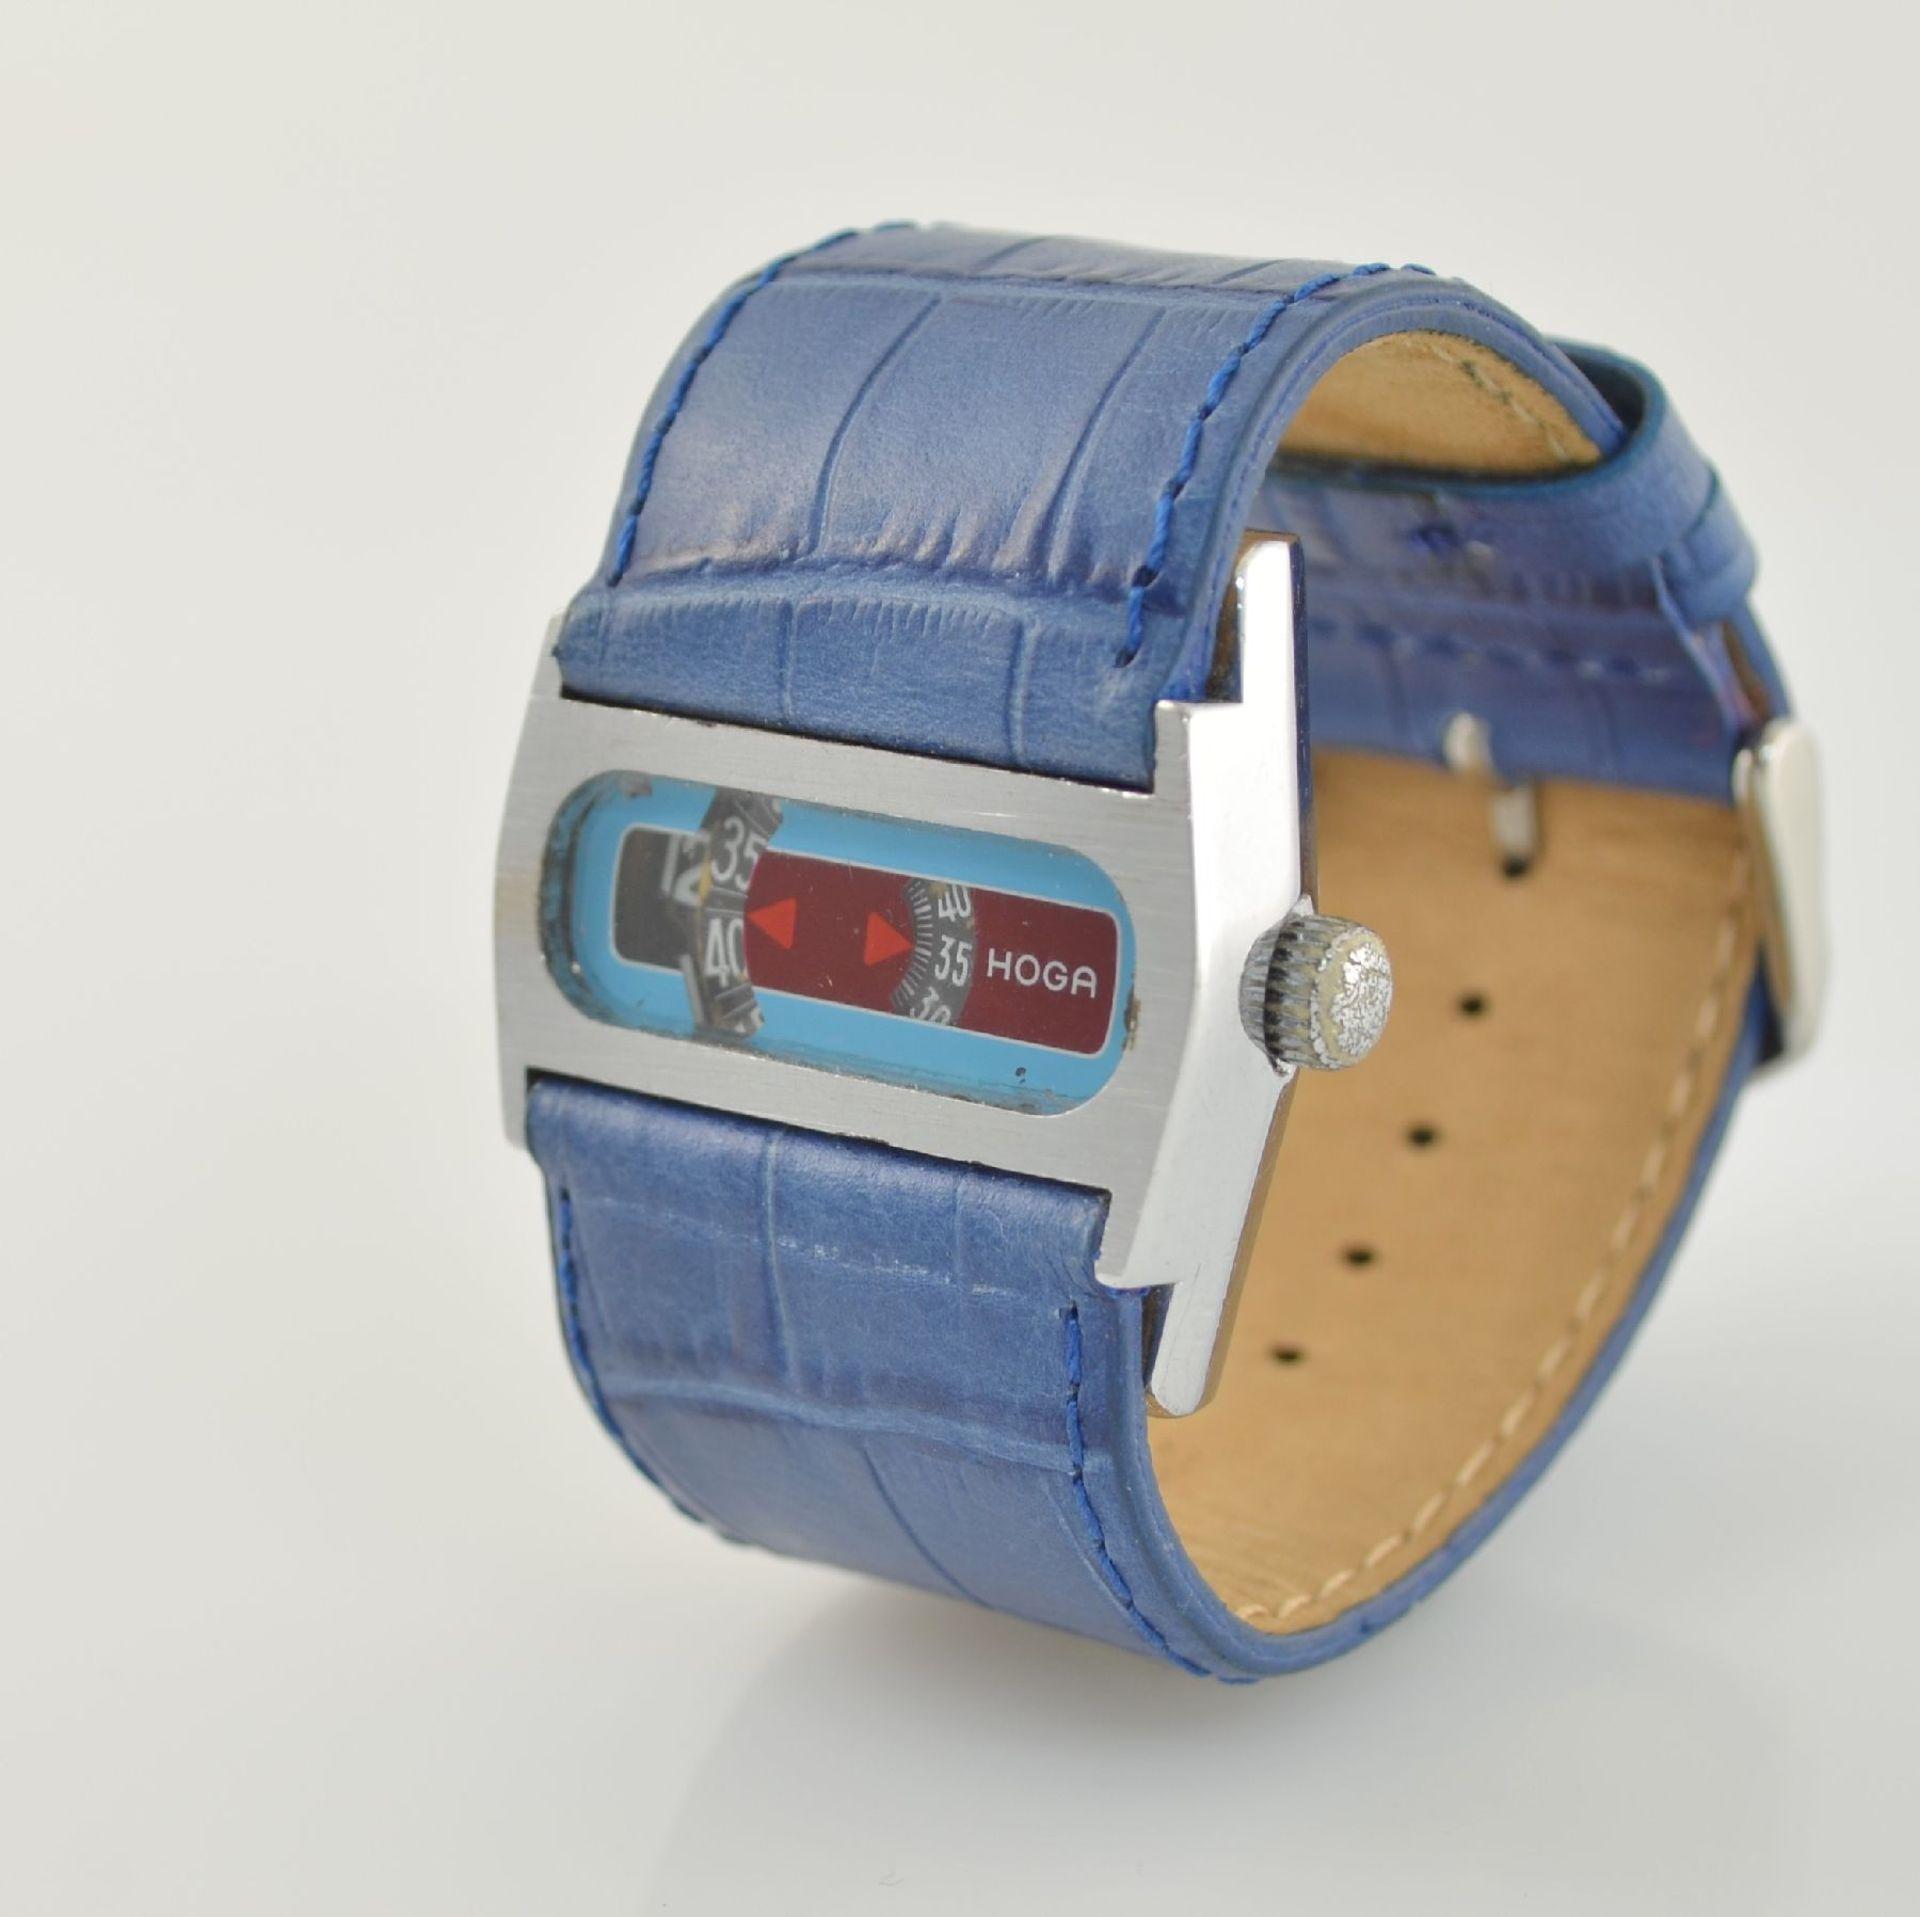 HOGA/Direct Time Armbanduhr mit digitaler Zeitanzeige Kal. AS 1902, Schweiz um 1970, Automatik, - Bild 3 aus 6